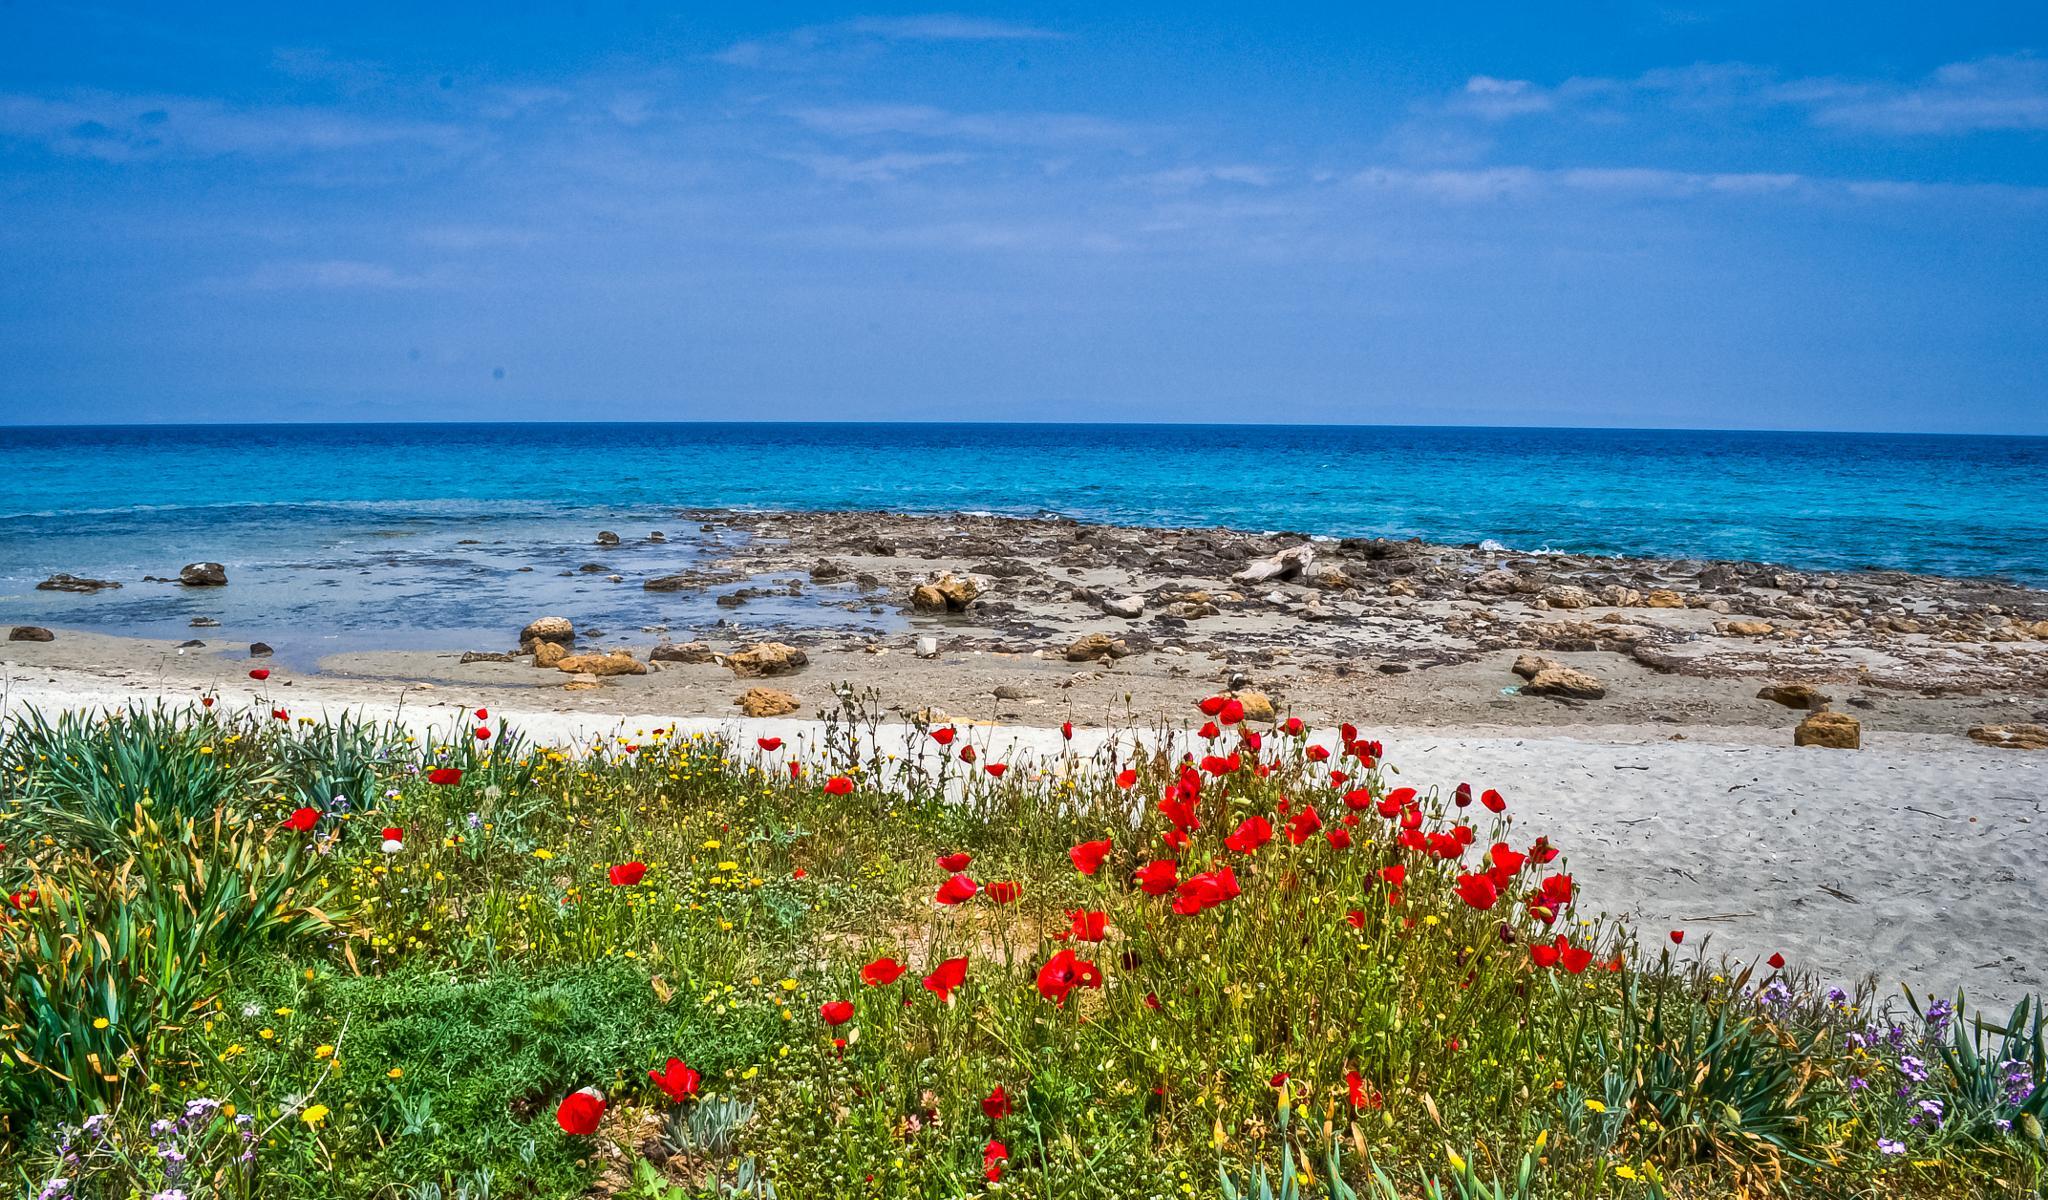 On the beach by Eduard Andrica